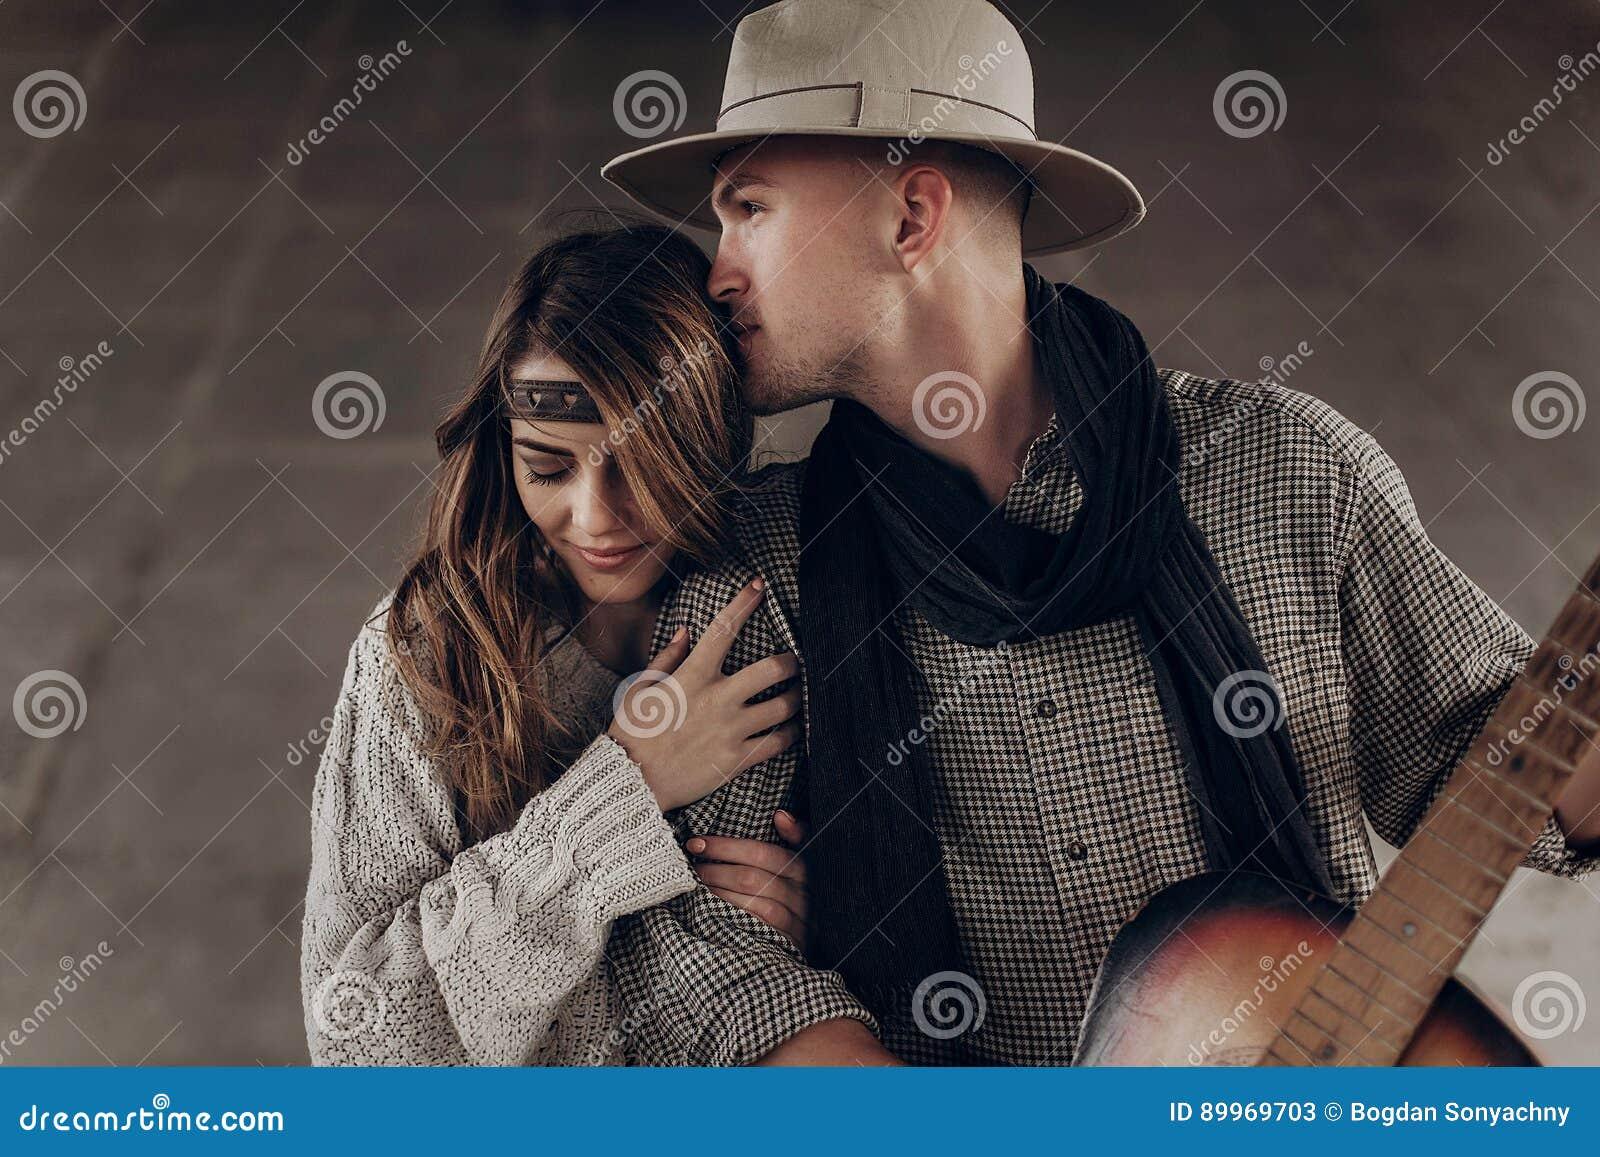 Hübscher Cowboymann mit einer Gitarre schöne indie Frau küssend